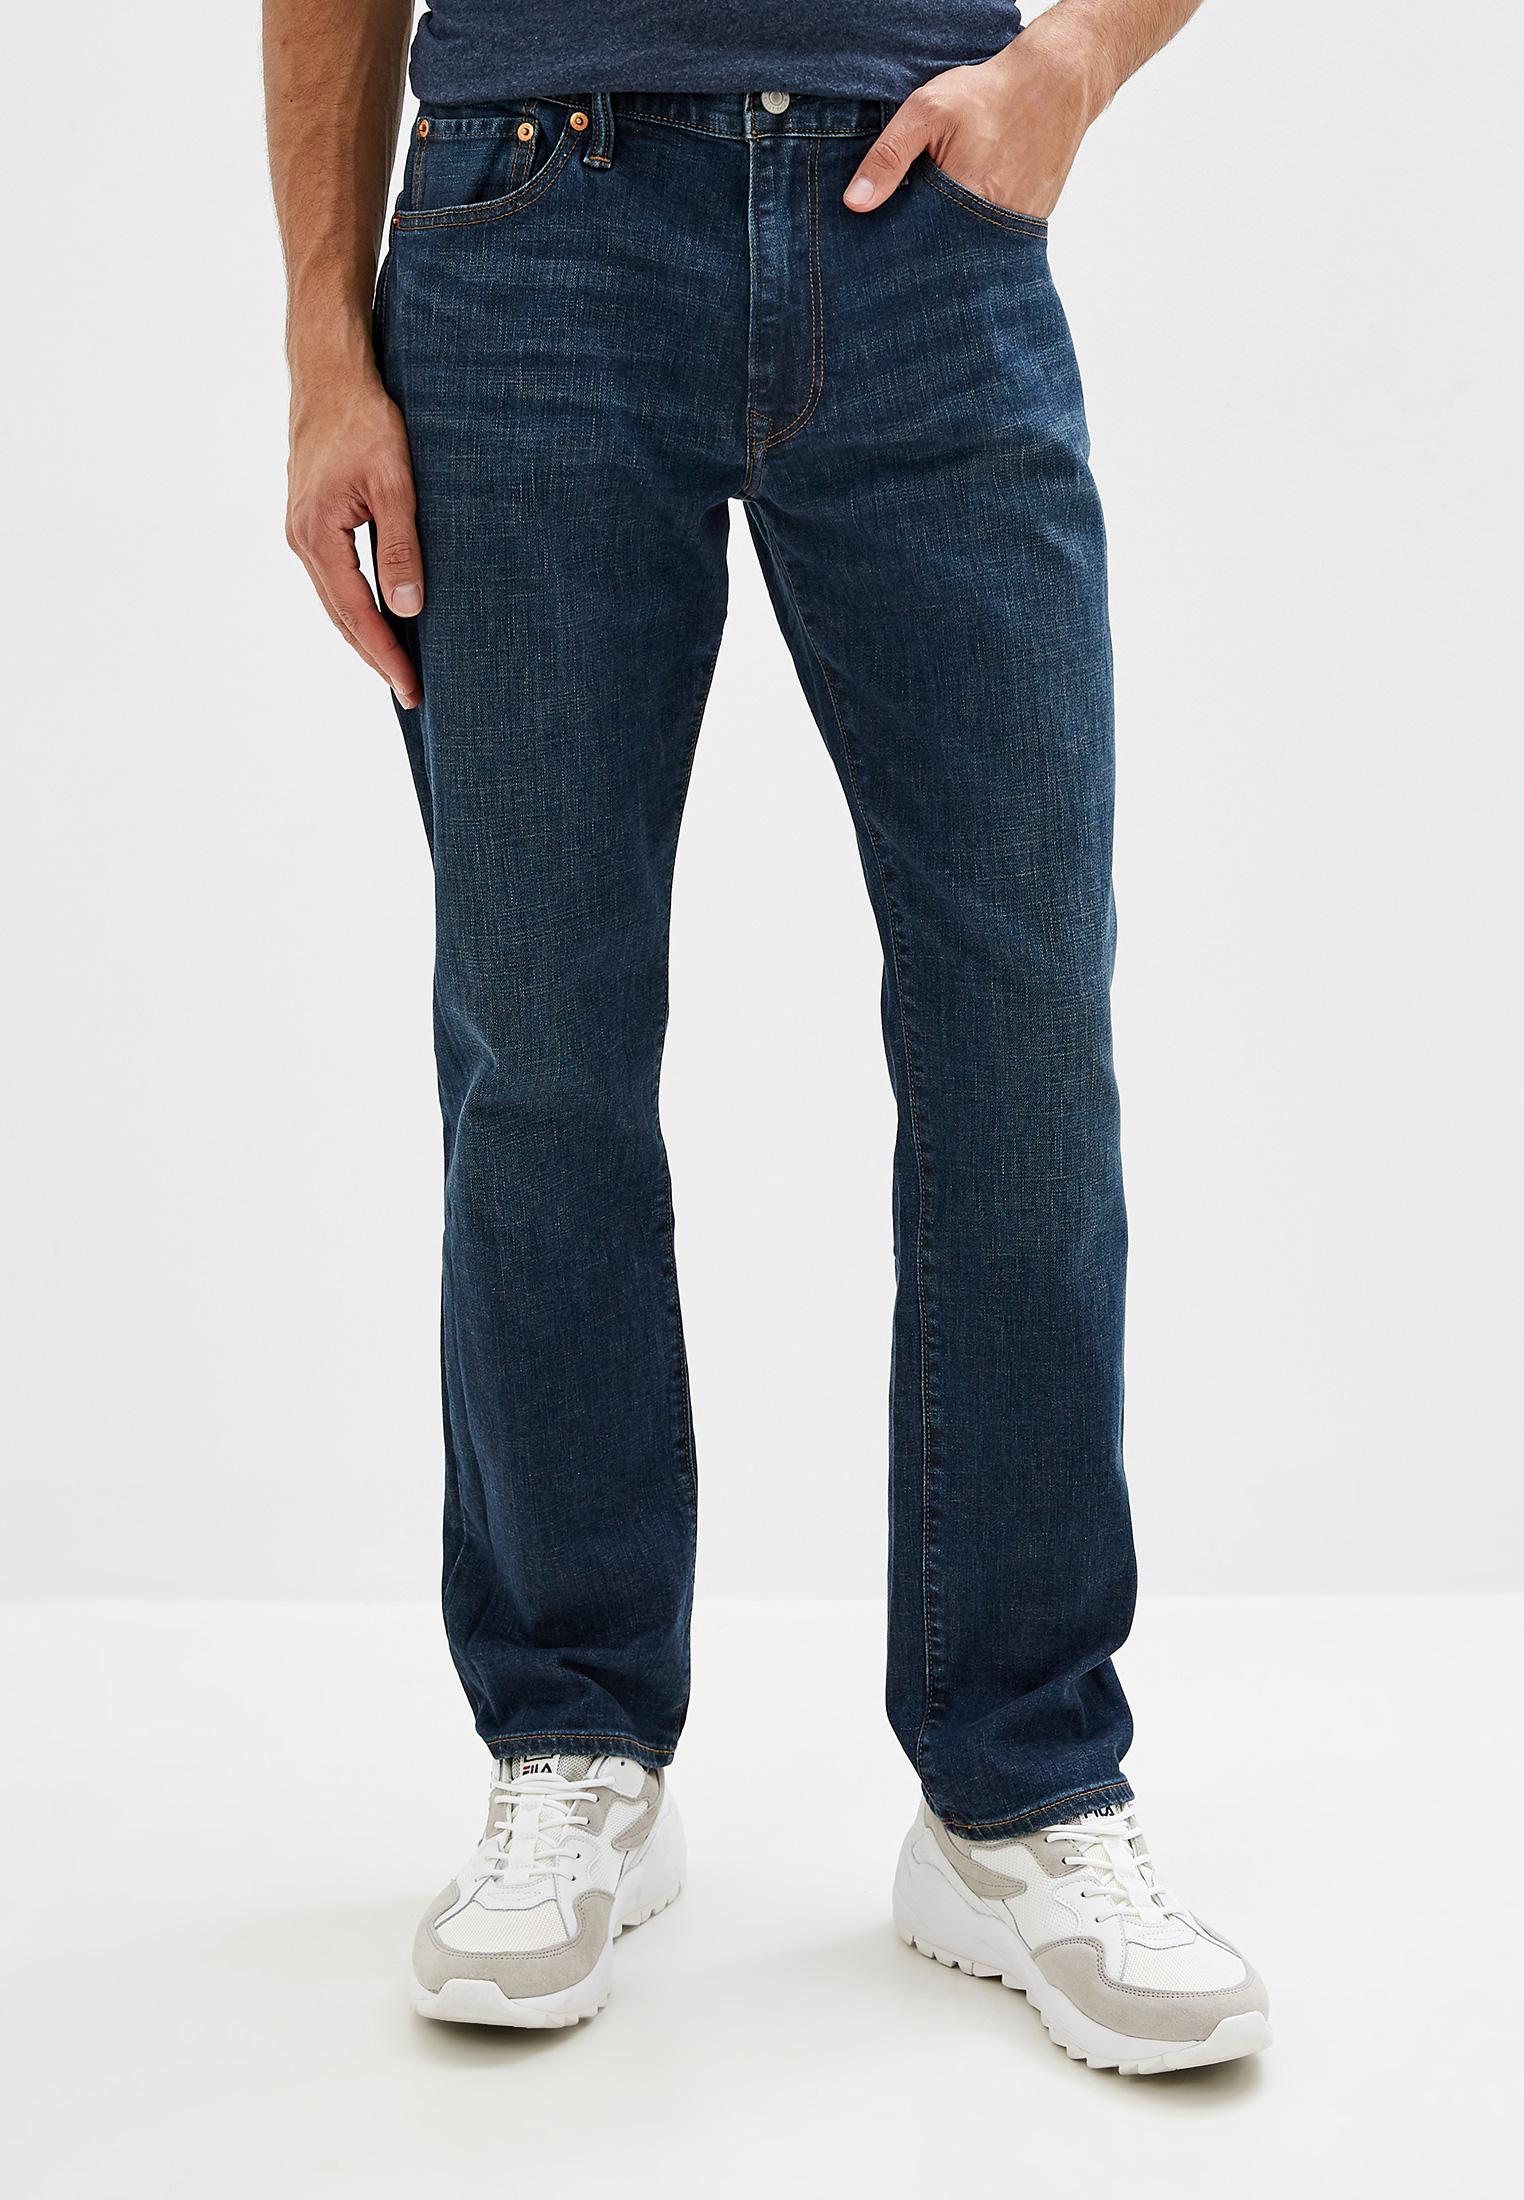 Мужские прямые джинсы Gap 459352